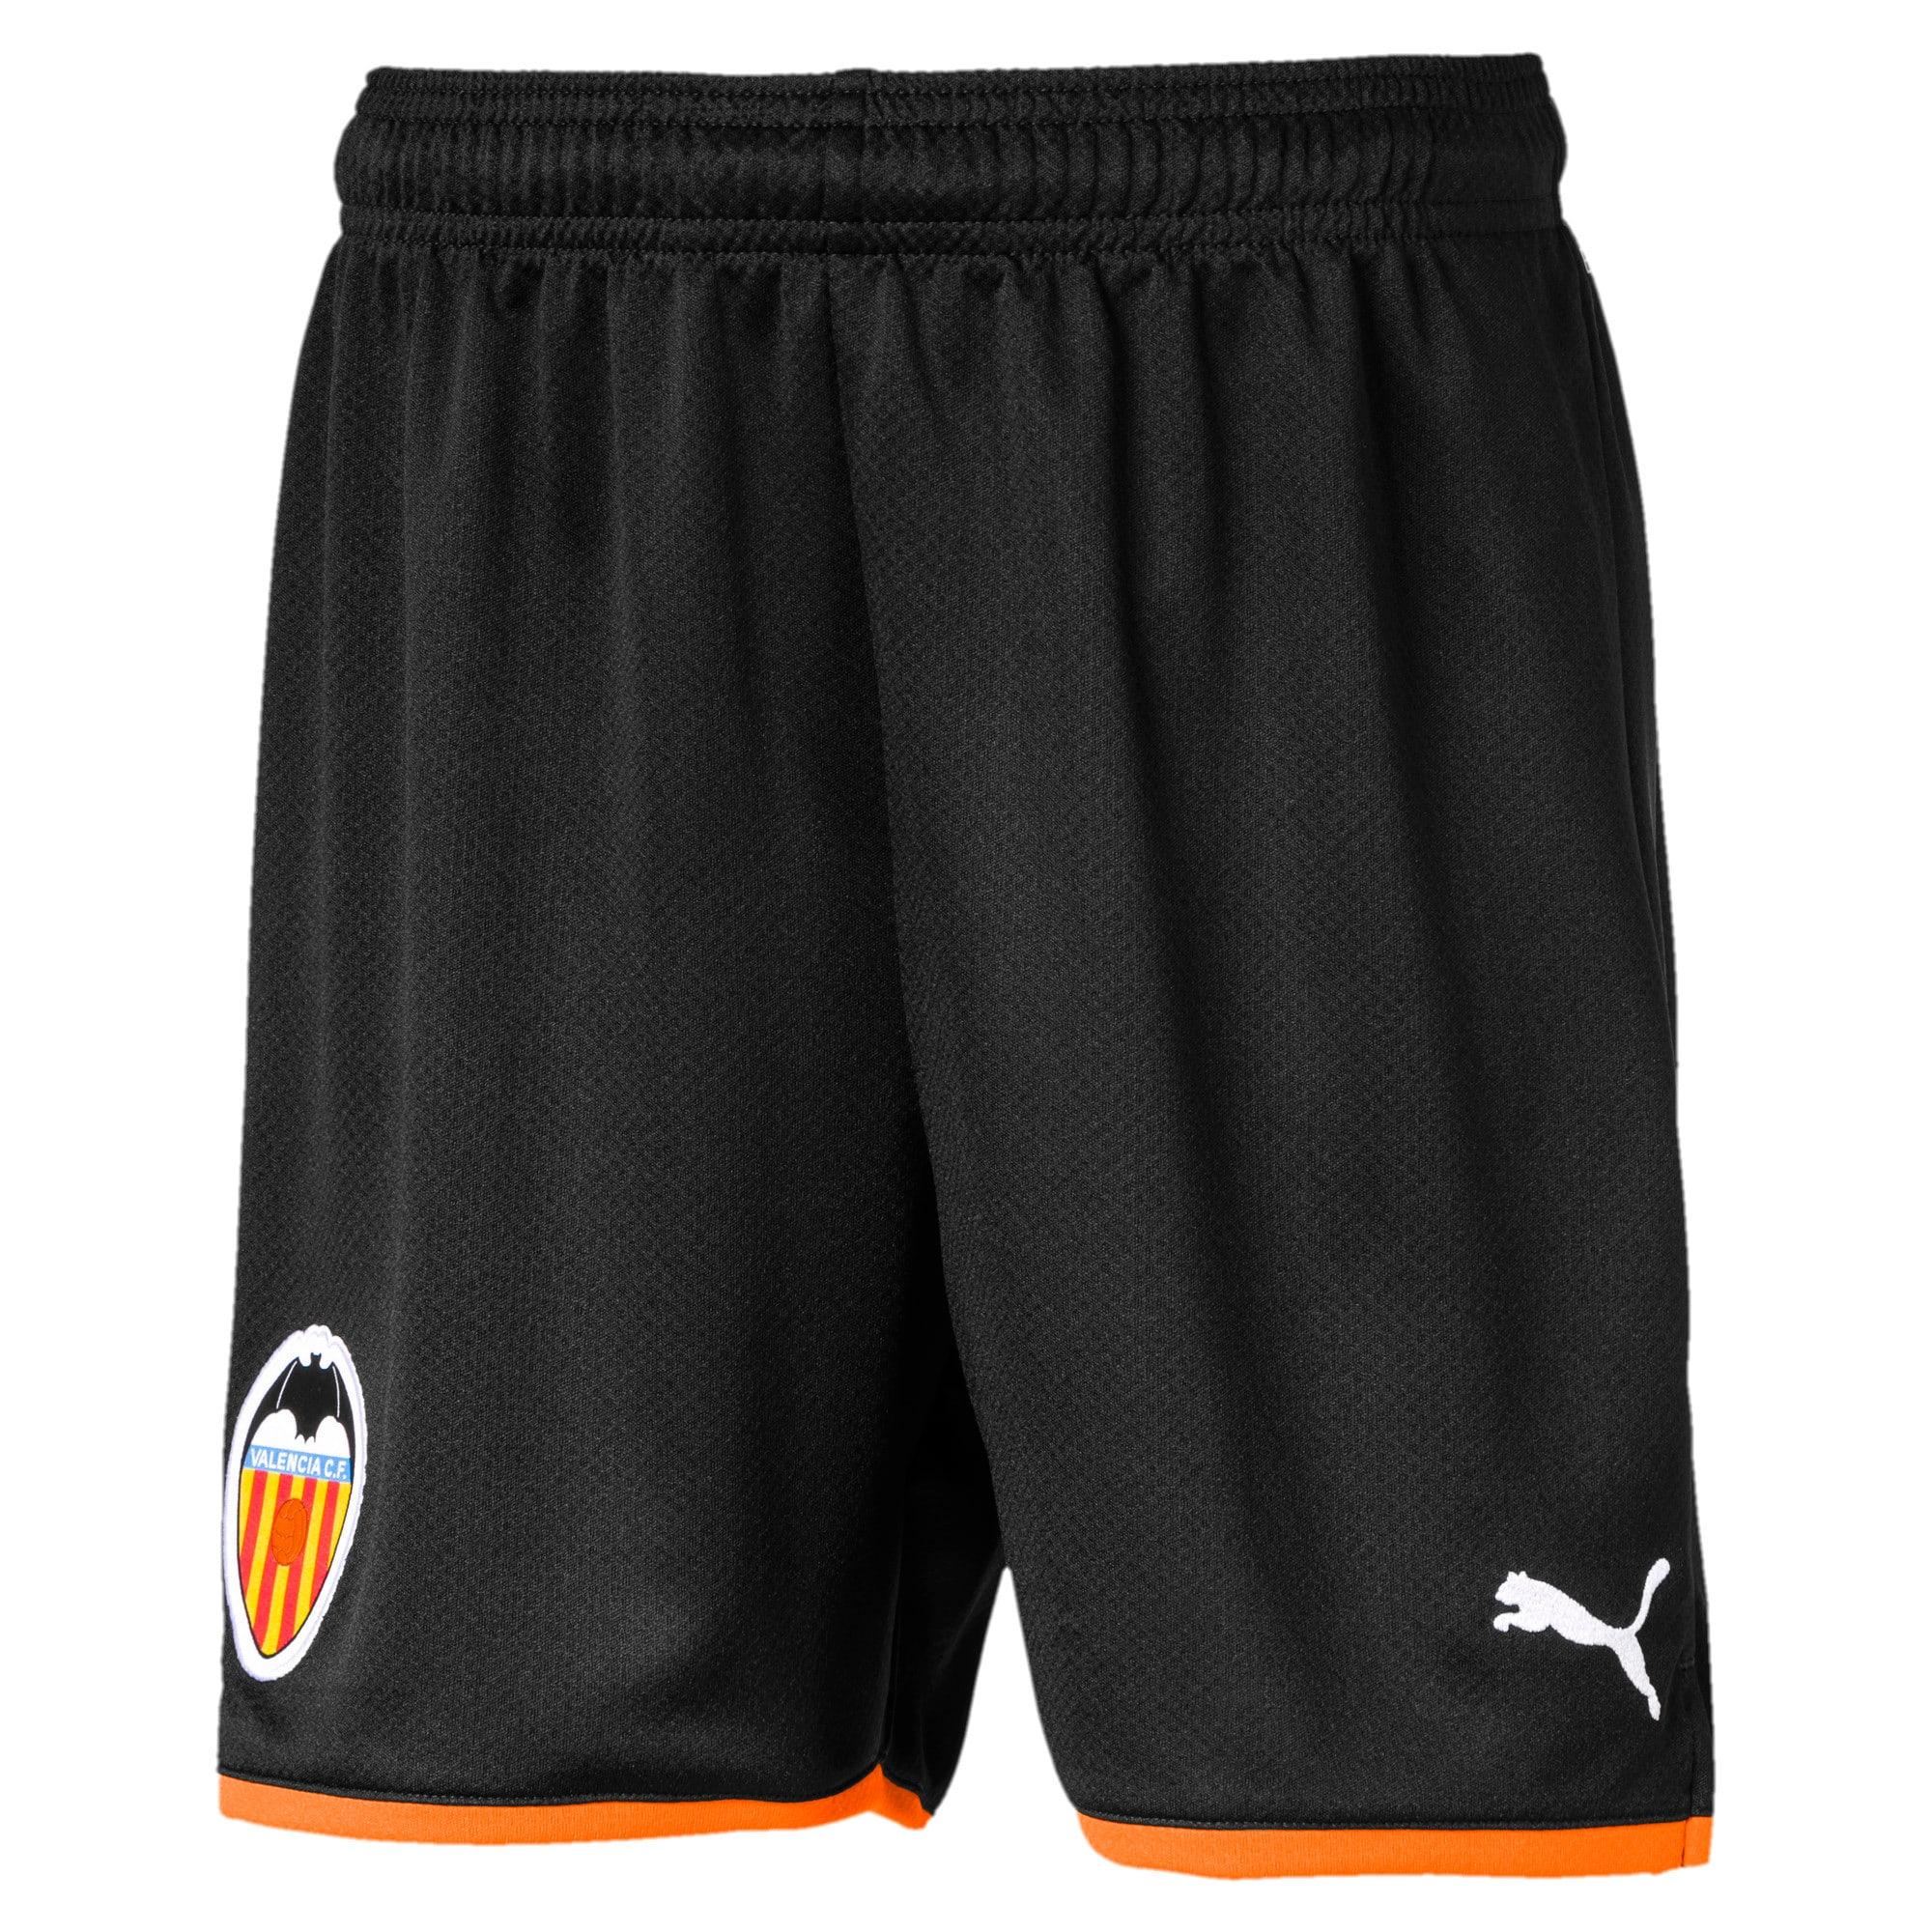 Thumbnail 1 of Valencia CF Jungen Replica Shorts, Puma Black-Vibrant Orange, medium